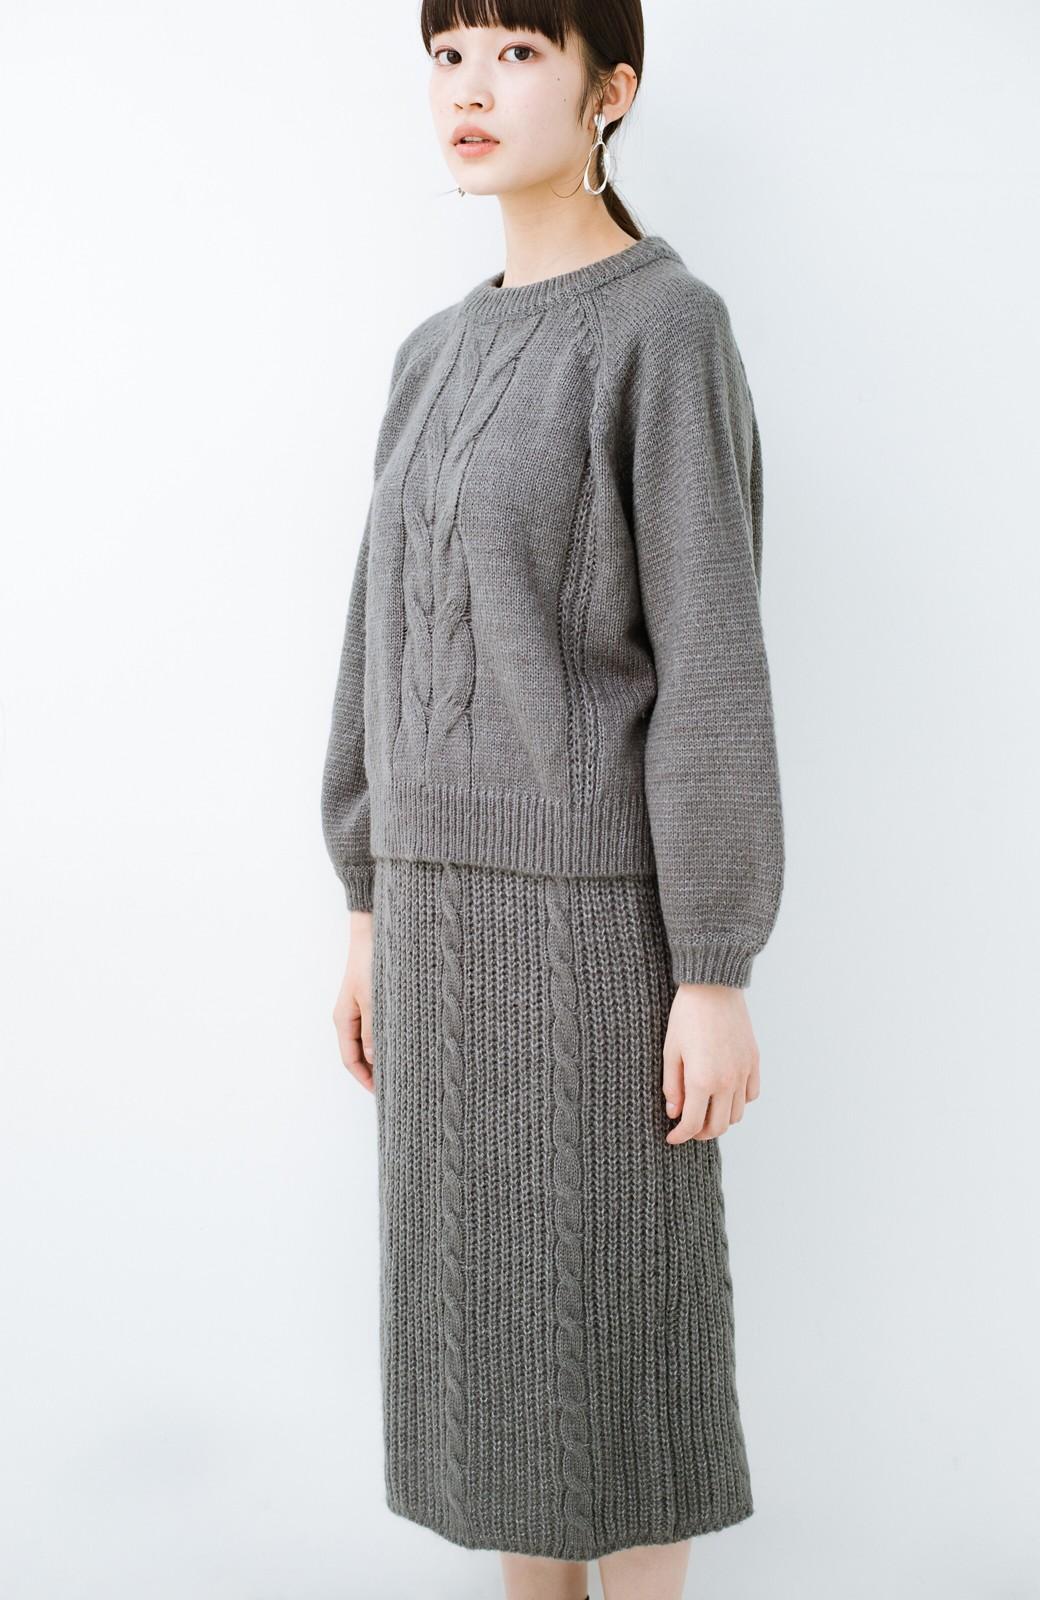 haco! しまった!寝坊した!ってときにも安心なケーブル編みがかわいいニットアップ <グレー>の商品写真20